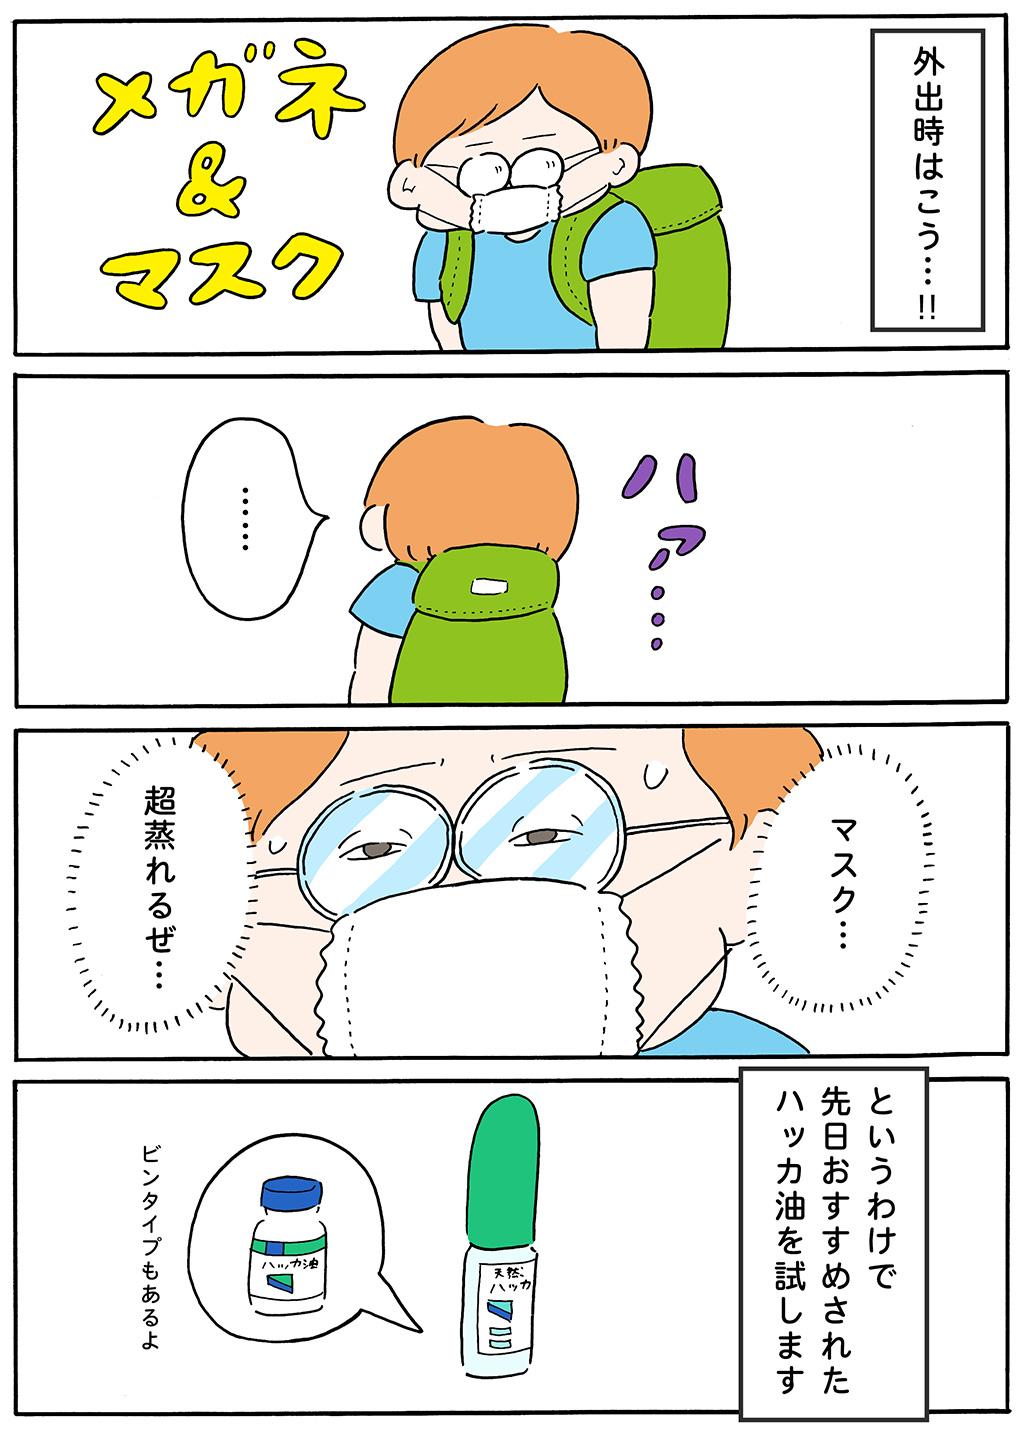 マンガP2